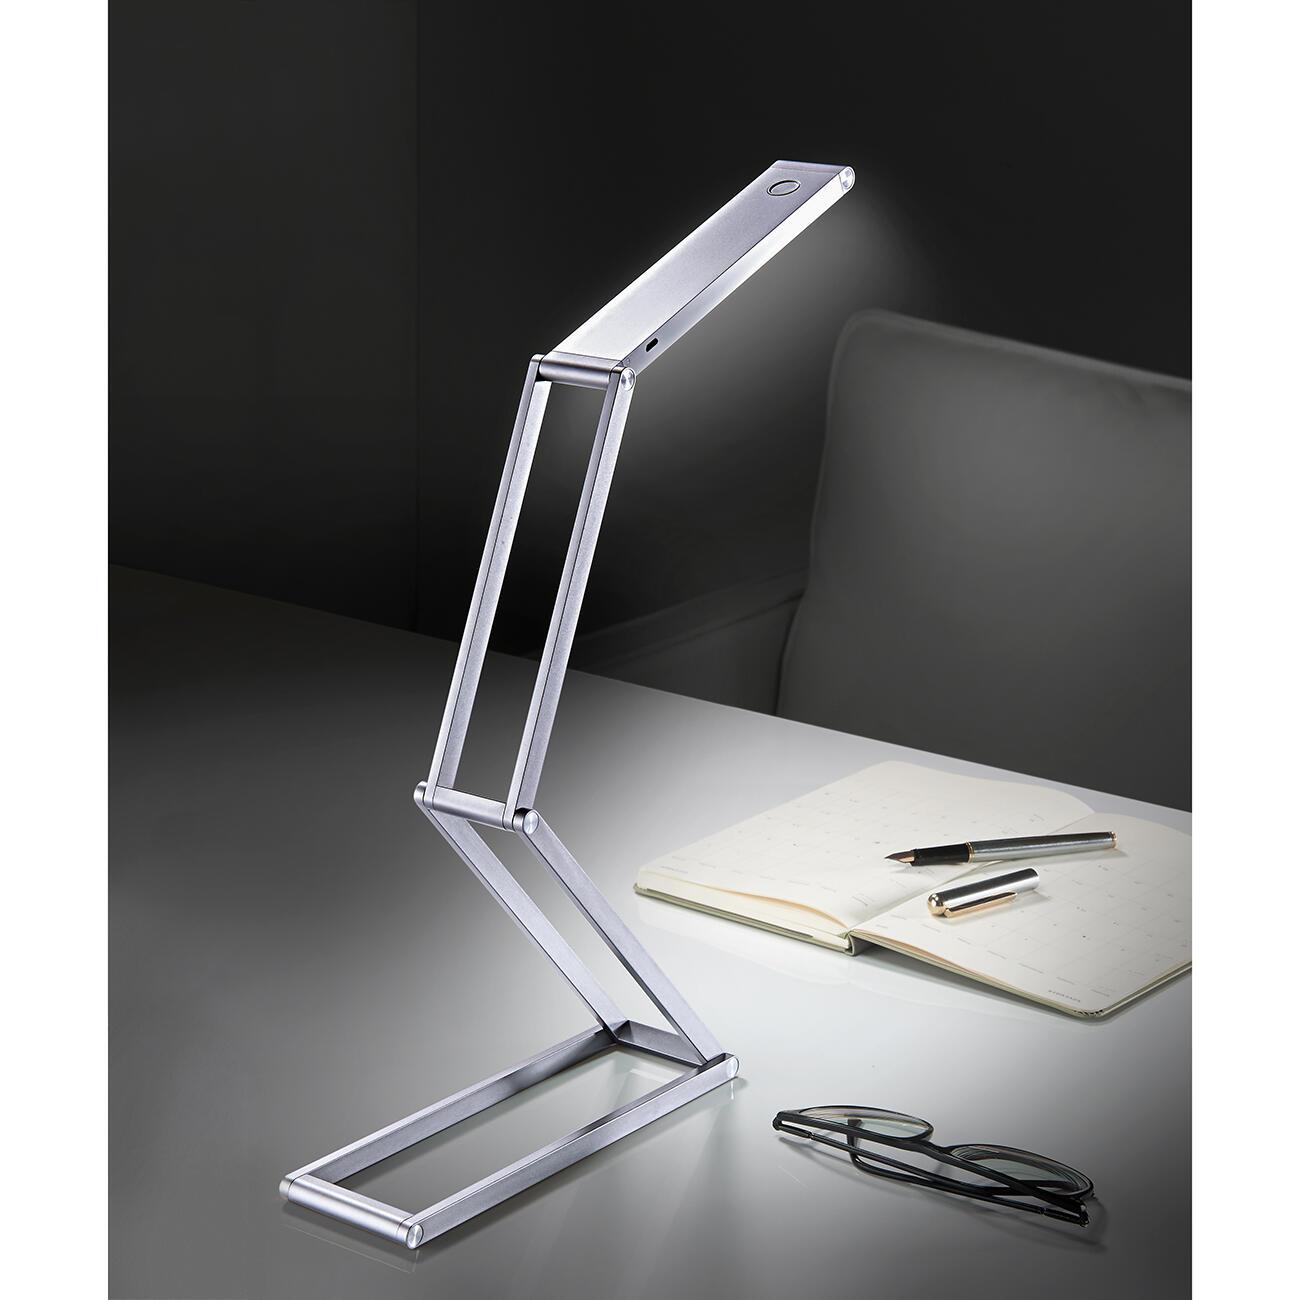 led akku falt leuchte mobile leuchte kabellos kaufen. Black Bedroom Furniture Sets. Home Design Ideas